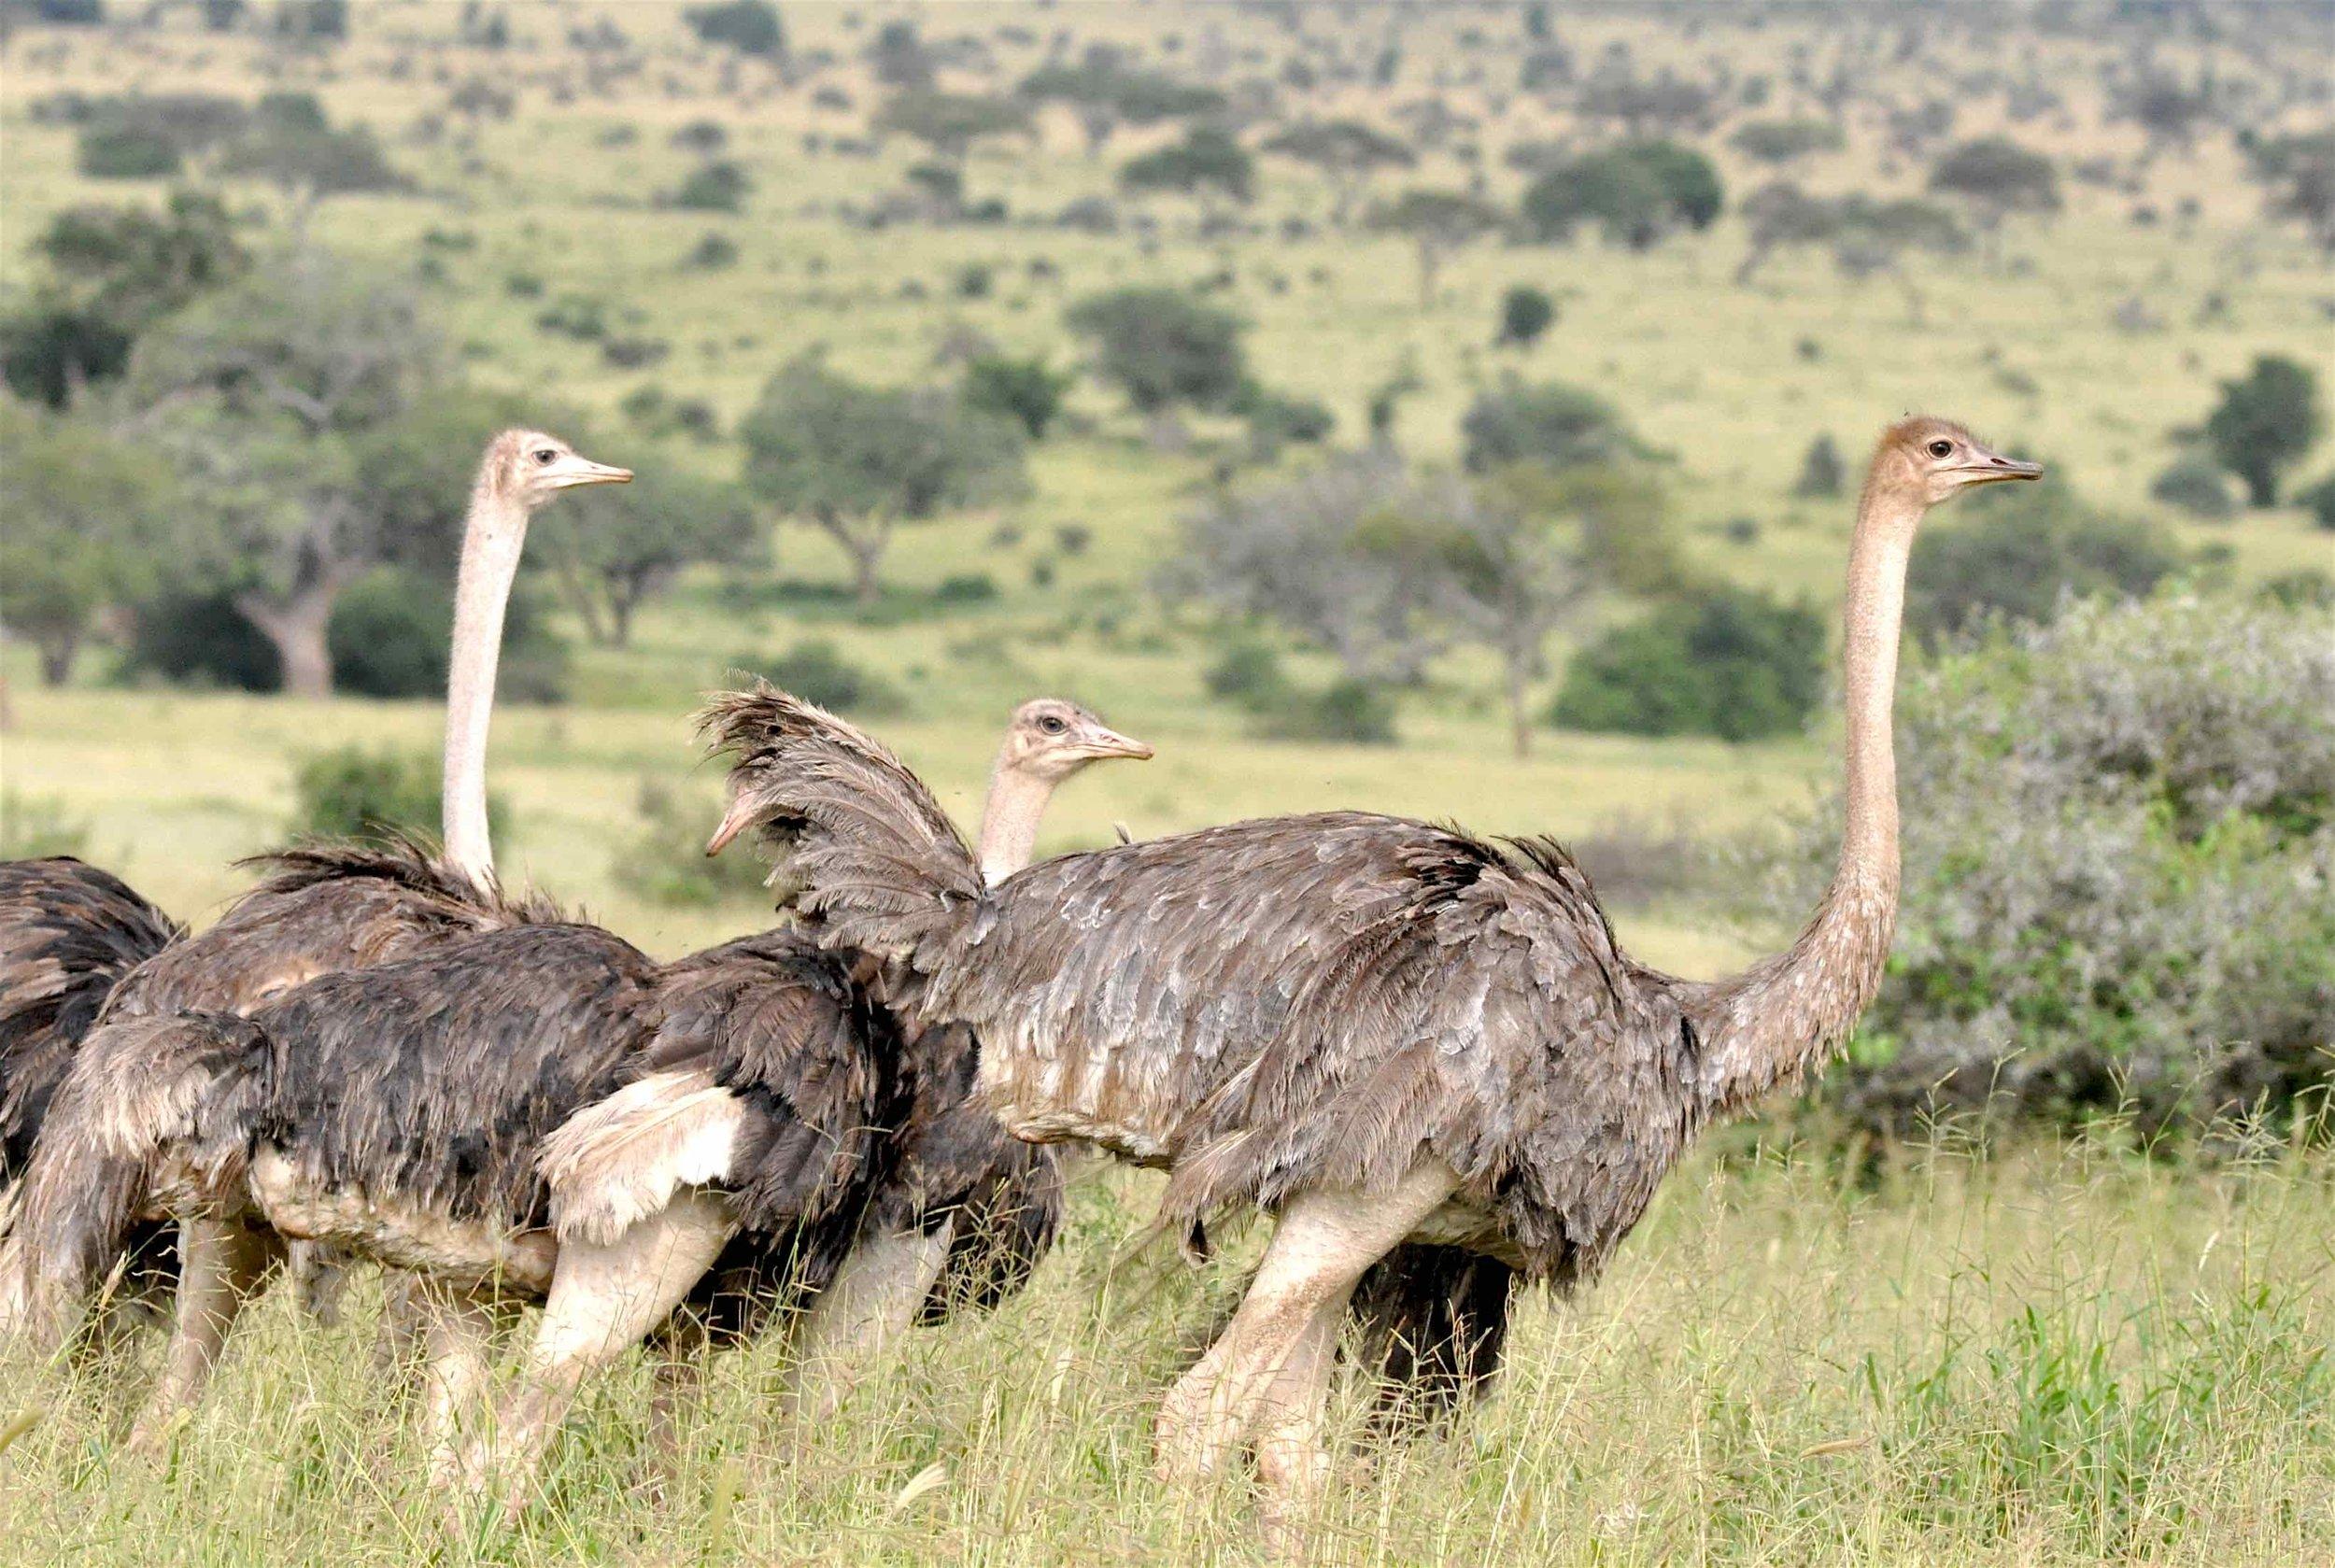 Strausse auf Augenhöhe : Tarangire-Nationalpark, weites Land mit vielen Wildtierarten |  © Foto RS